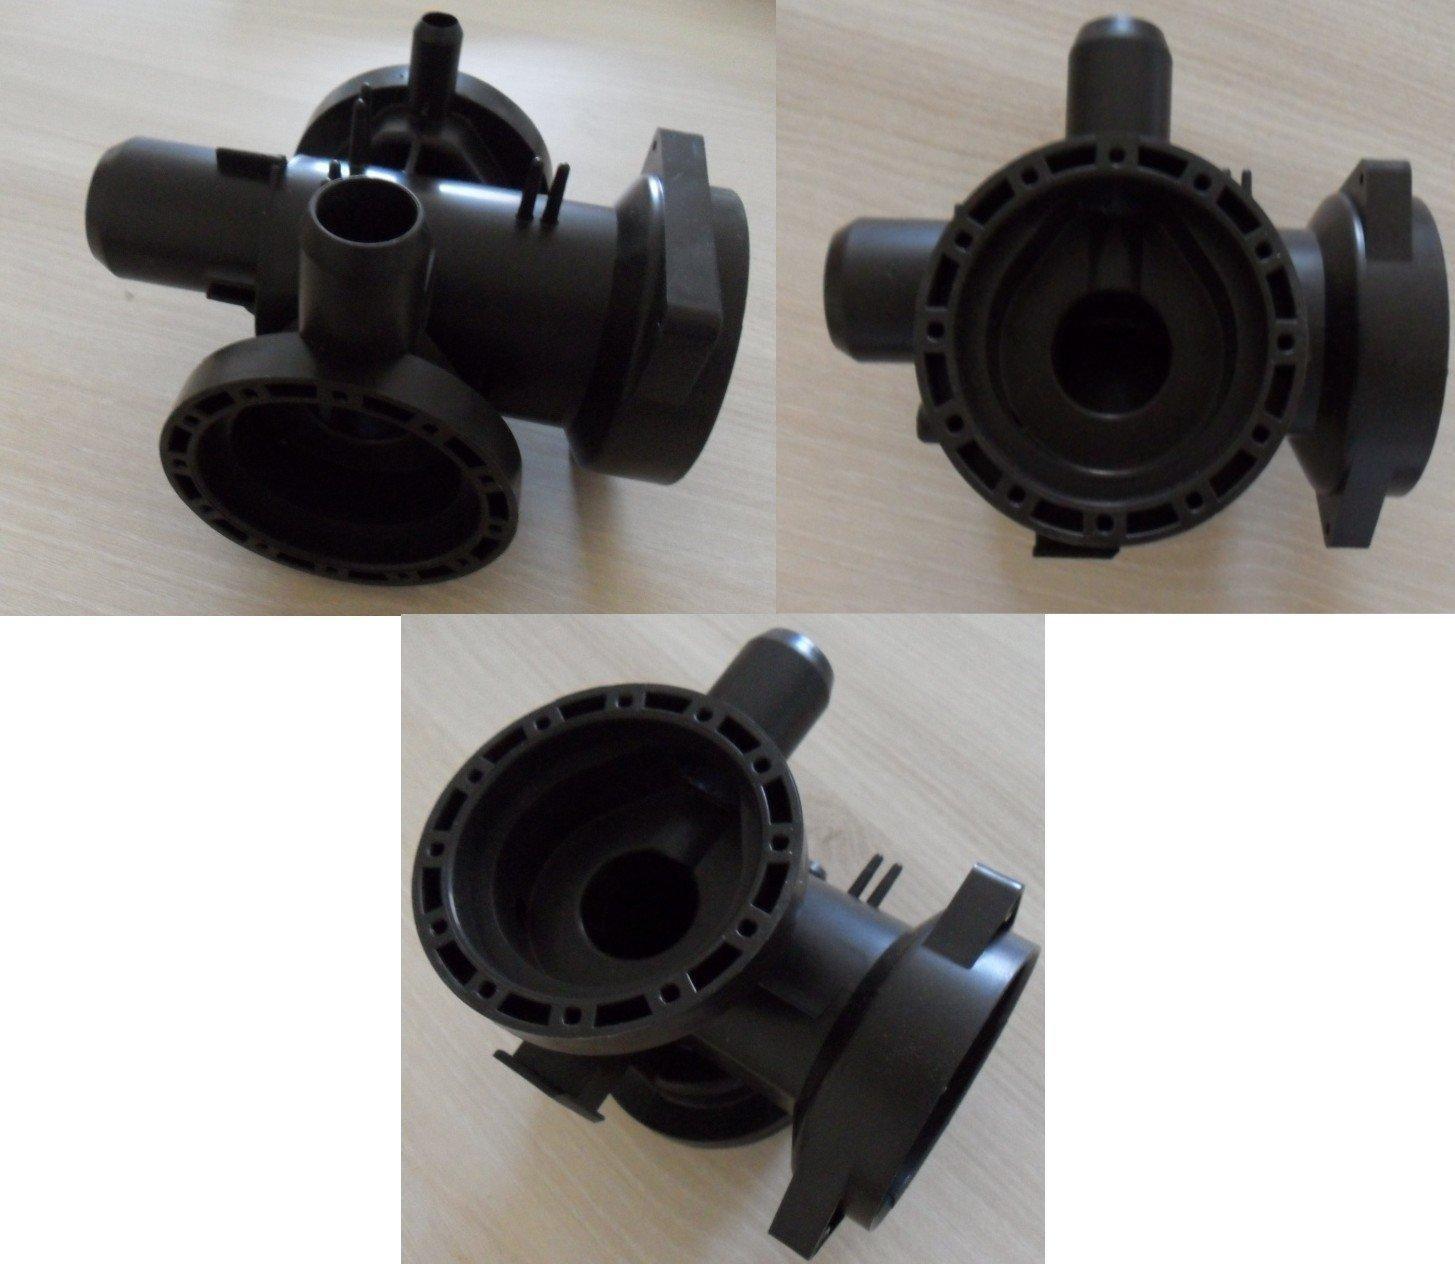 LG - Cuerpo de bomba de desagüe de completo para Lava Ropa LG ...